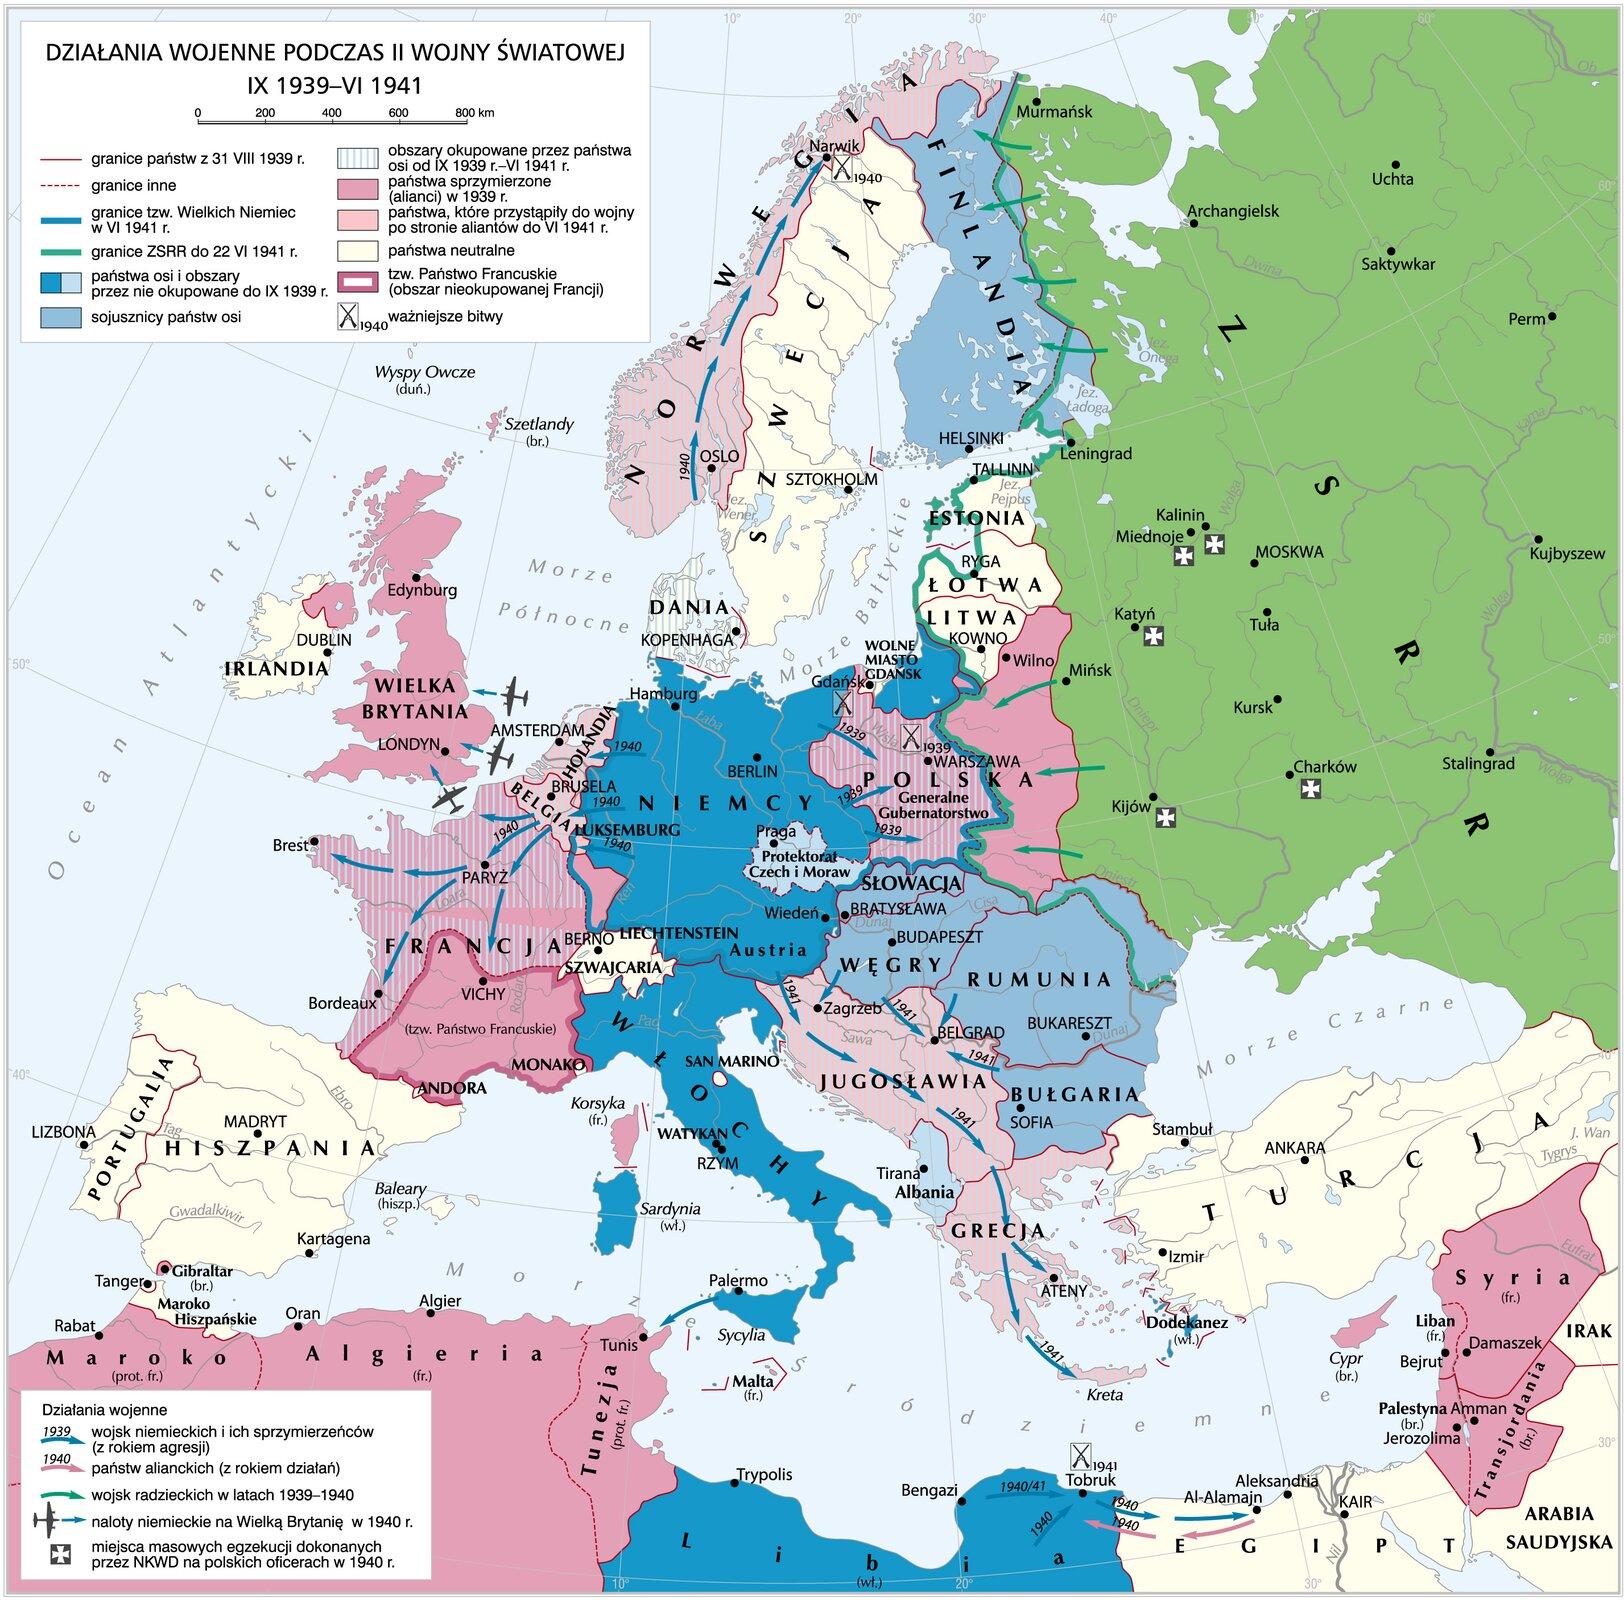 Działania wojenne podczas II wojny światowej do VI 1941 roku Działania wojenne podczas II wojny światowej do VI 1941 roku Źródło: Krystian Chariza izespół, licencja: CC BY 4.0.